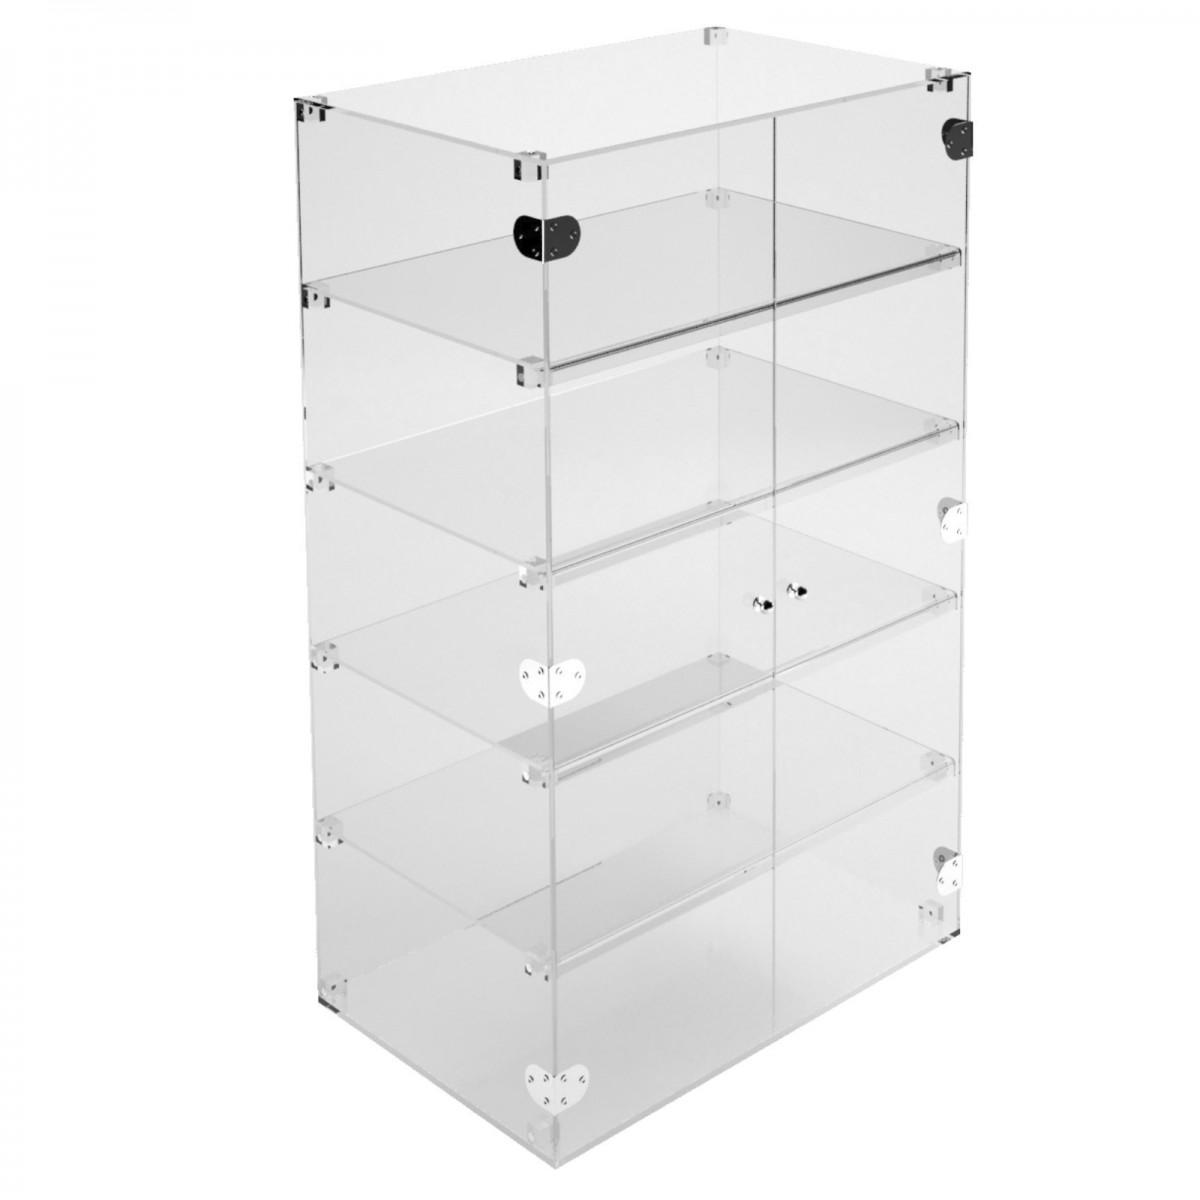 E-357 VET - Ampia vetrina espositiva in plexiglass trasparente a 5 ripiani - Misure: 80 x 40 x h100 cm